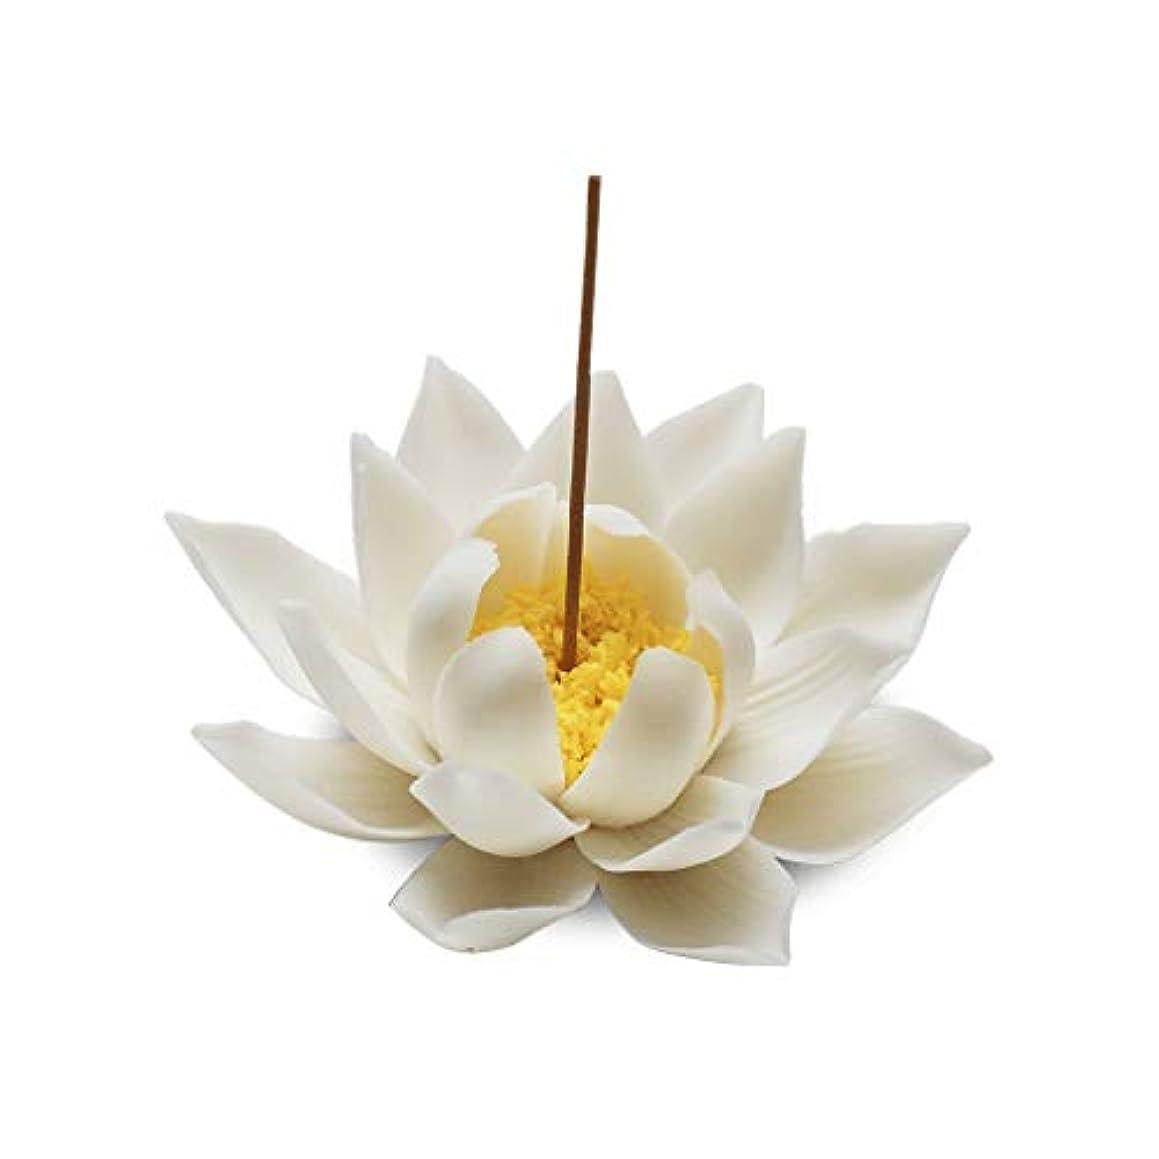 セーブについて花束芳香器?アロマバーナー セラミック蓮香バーナー家の装飾香スティックホルダー仏教アロマセラピーホームリビングルームの茶屋 芳香器?アロマバーナー (Color : A)